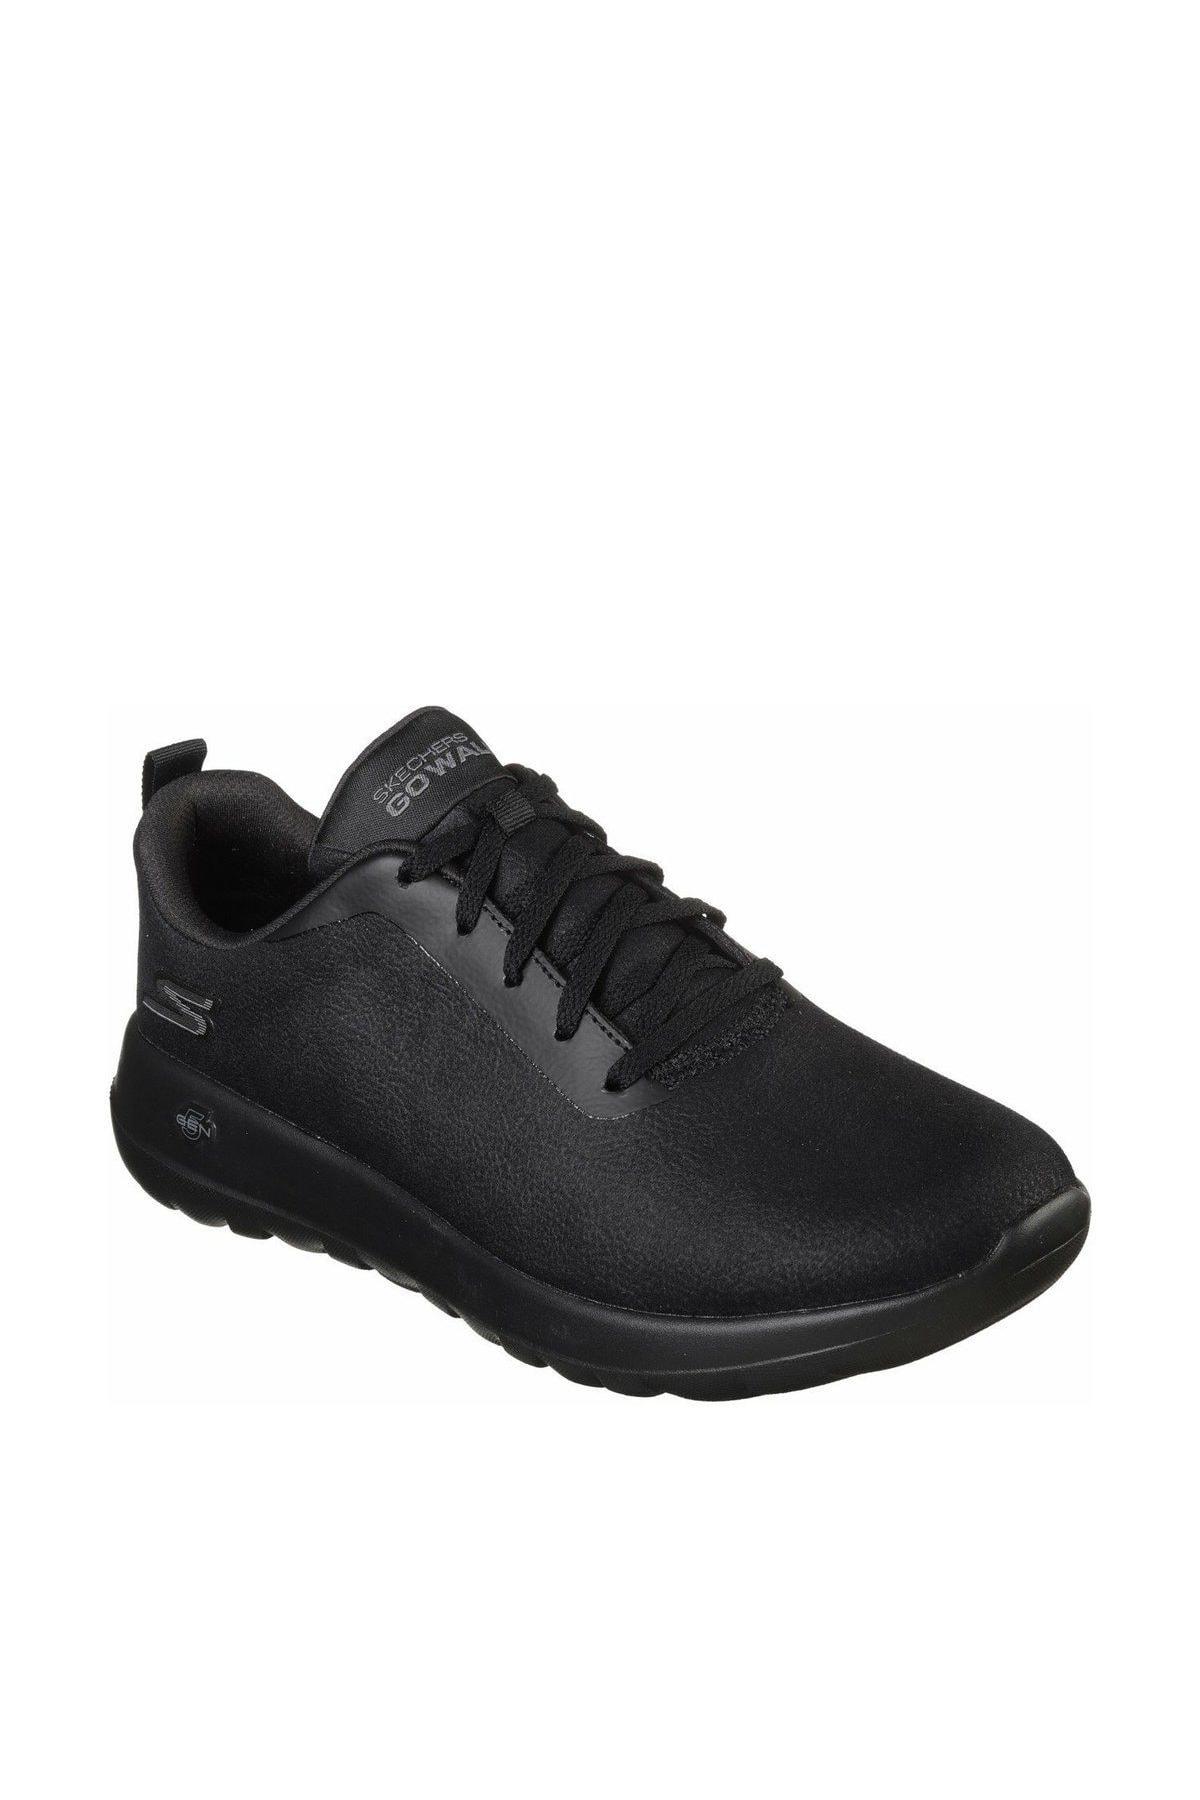 Skechers Erkek Ayakkabı Modelleri, Fiyatları Trendyol